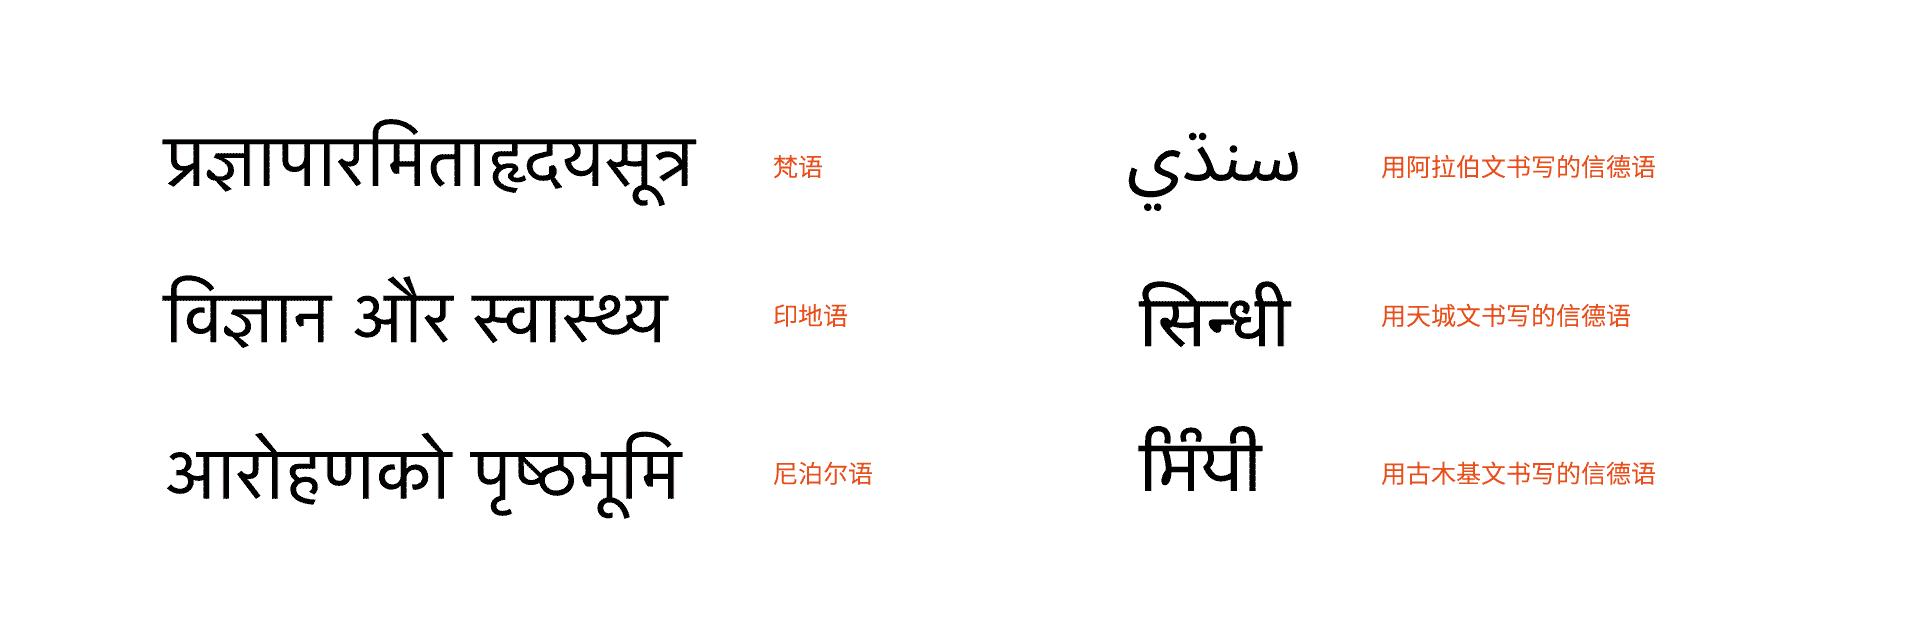 script-vs-language